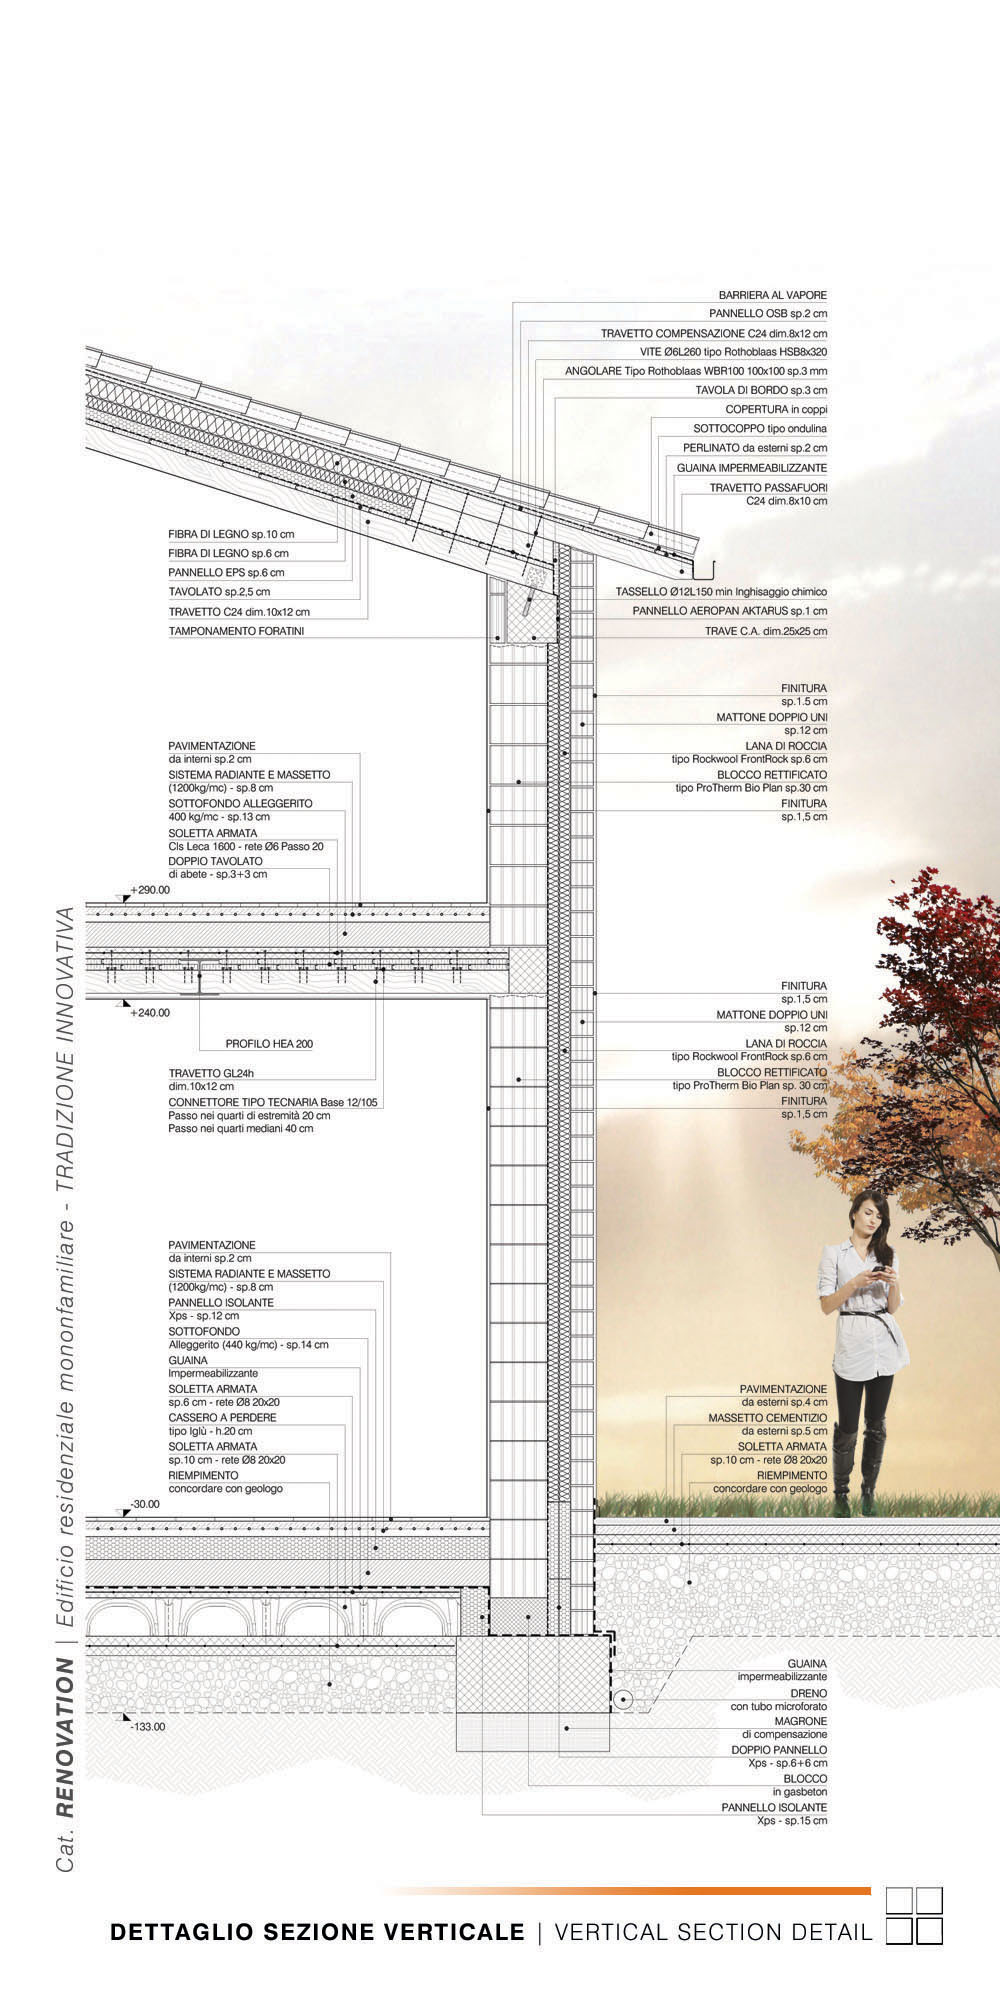 Edificio Residenziale Monofamiliare - TRADIZIONE INNOVATIVA - 012 - Vertical Section Detail }